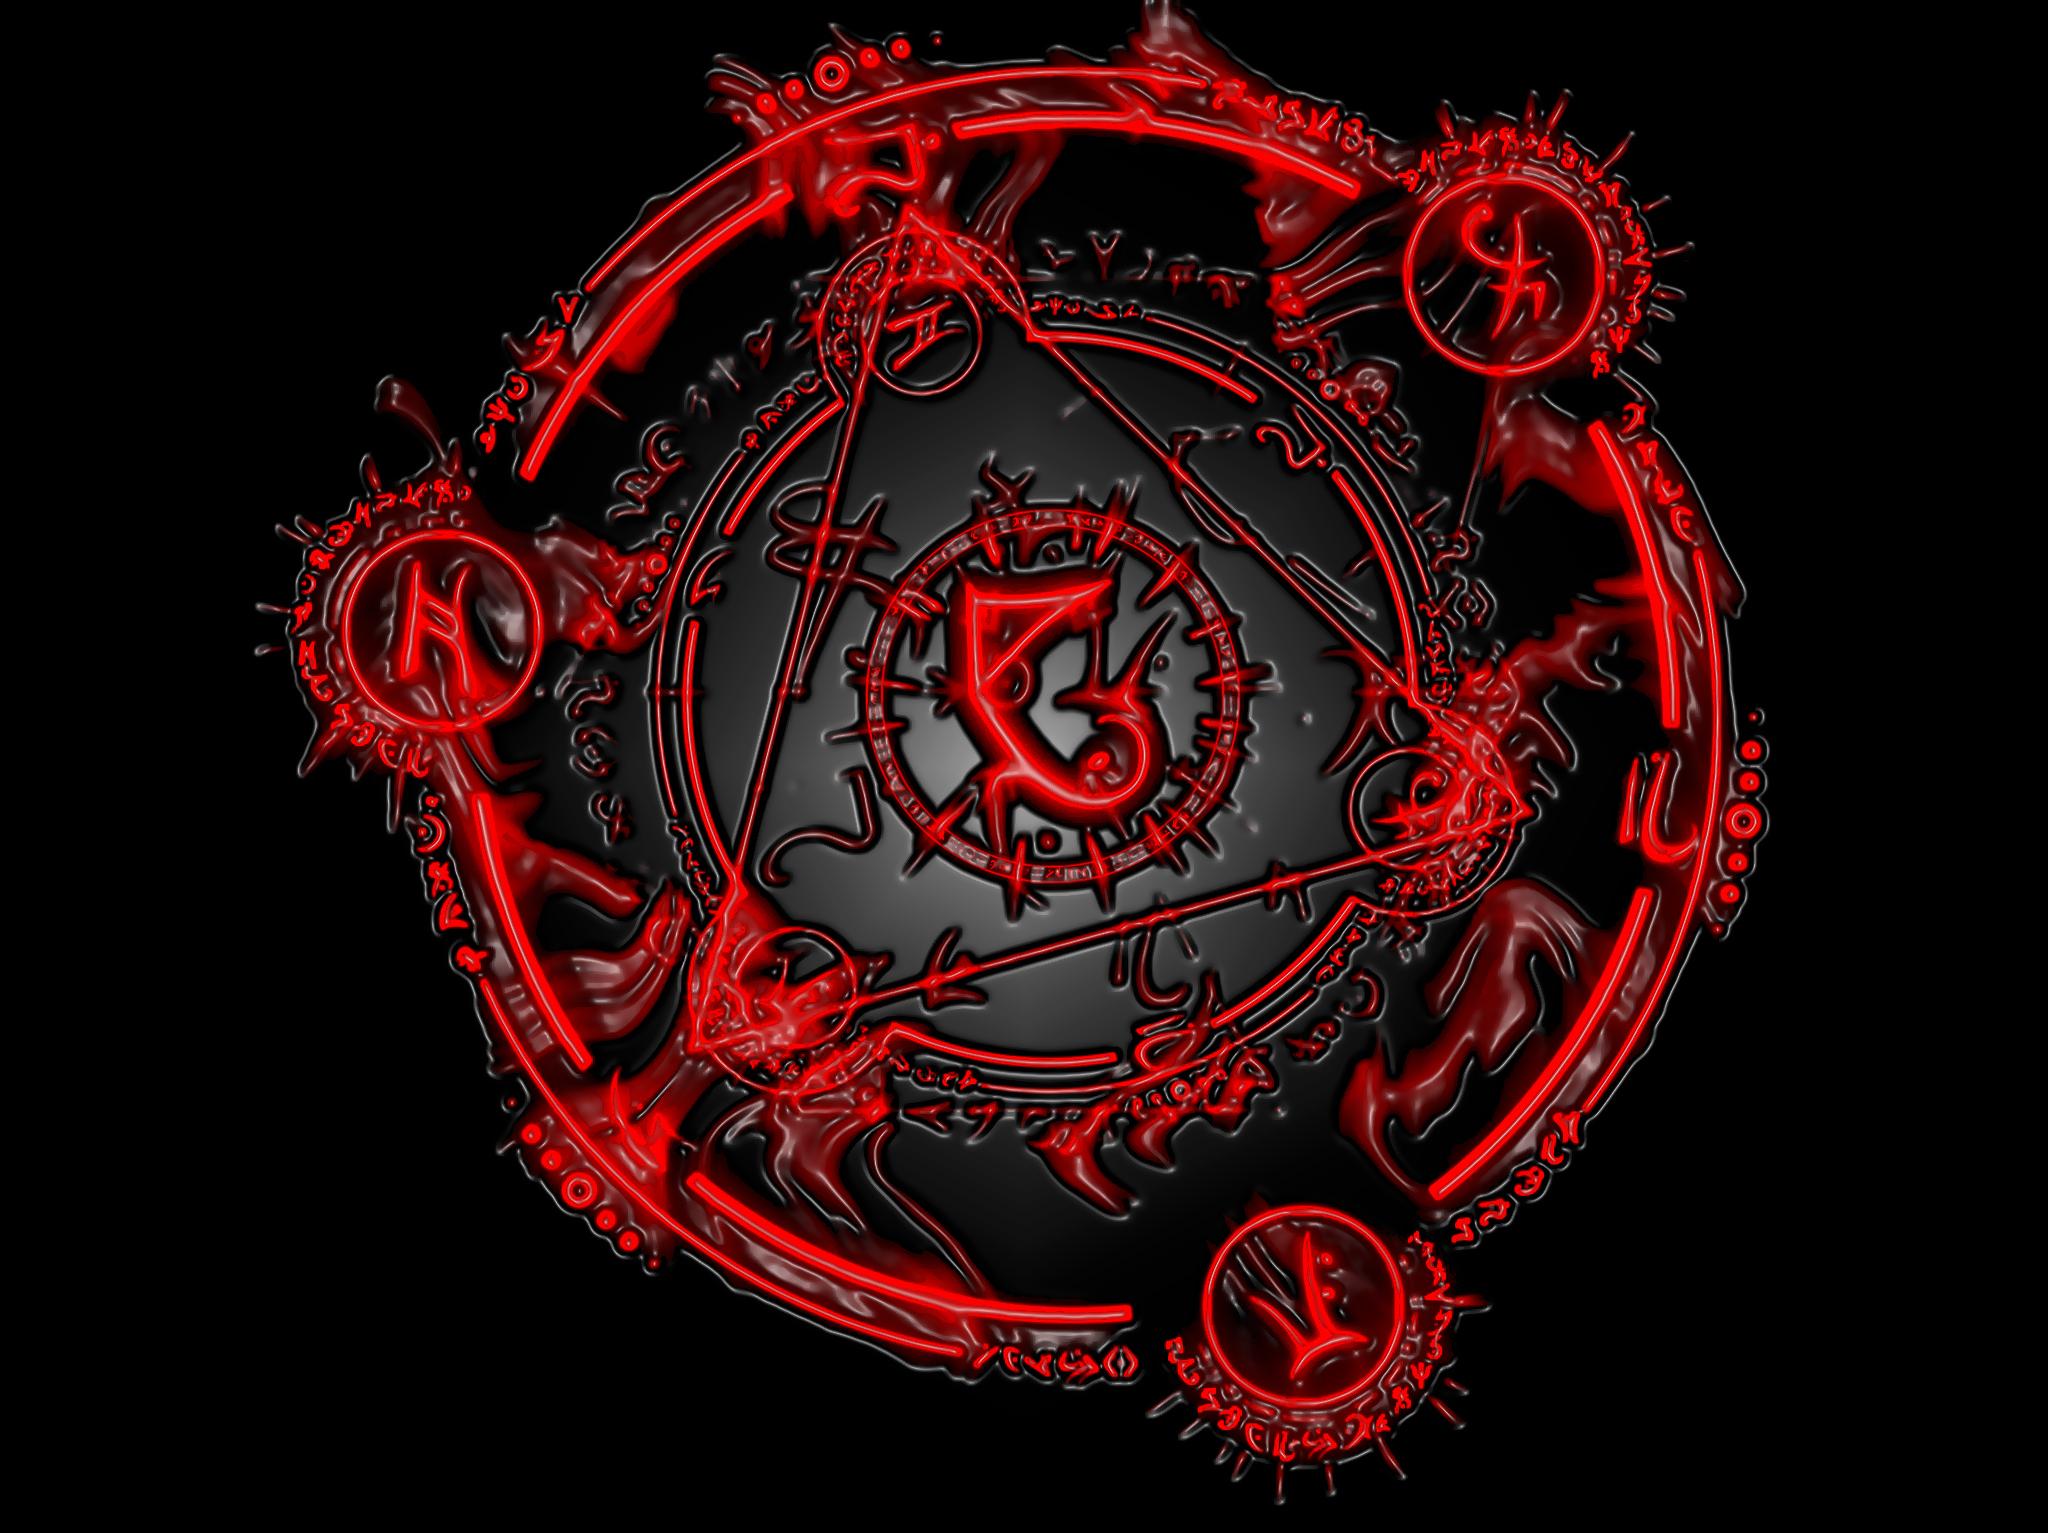 Dark horror occult evil symbol wallpaper | 2048x1533 ...